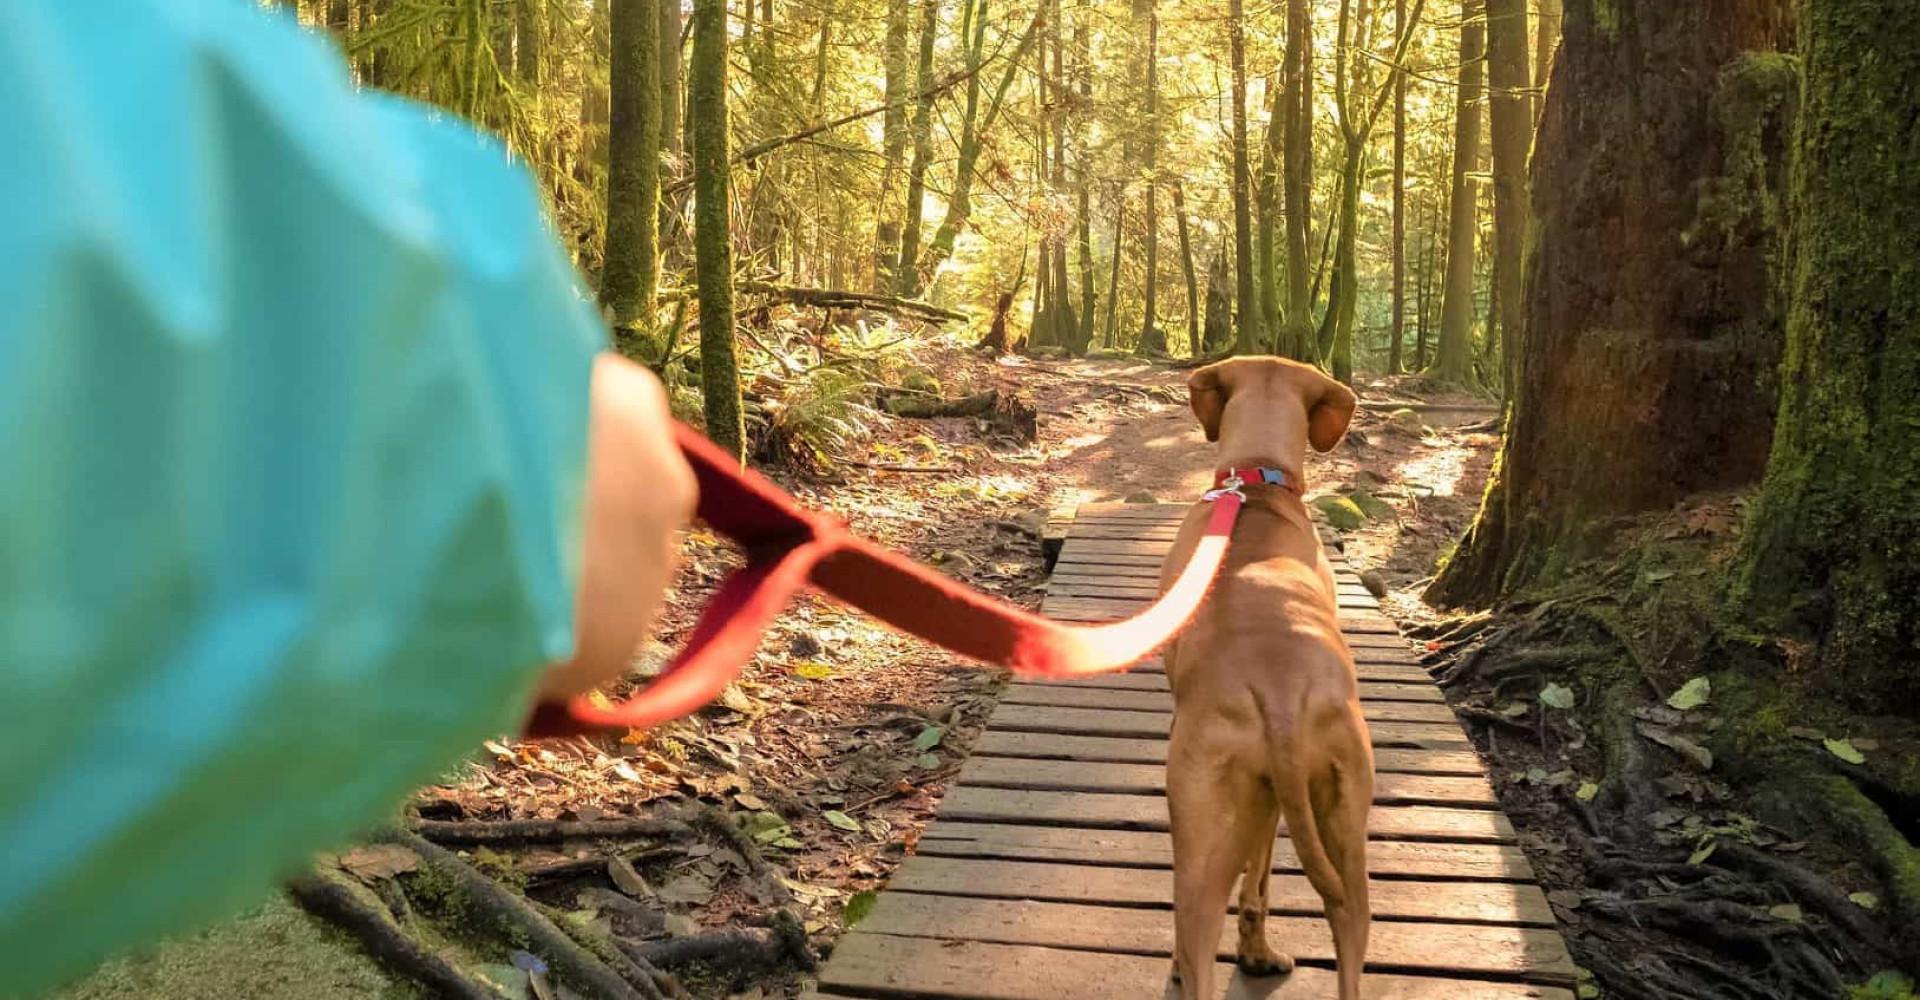 Koiran ulkoilutuksen perussäännöt, jotka jokaisen omistajan tulisi tietää